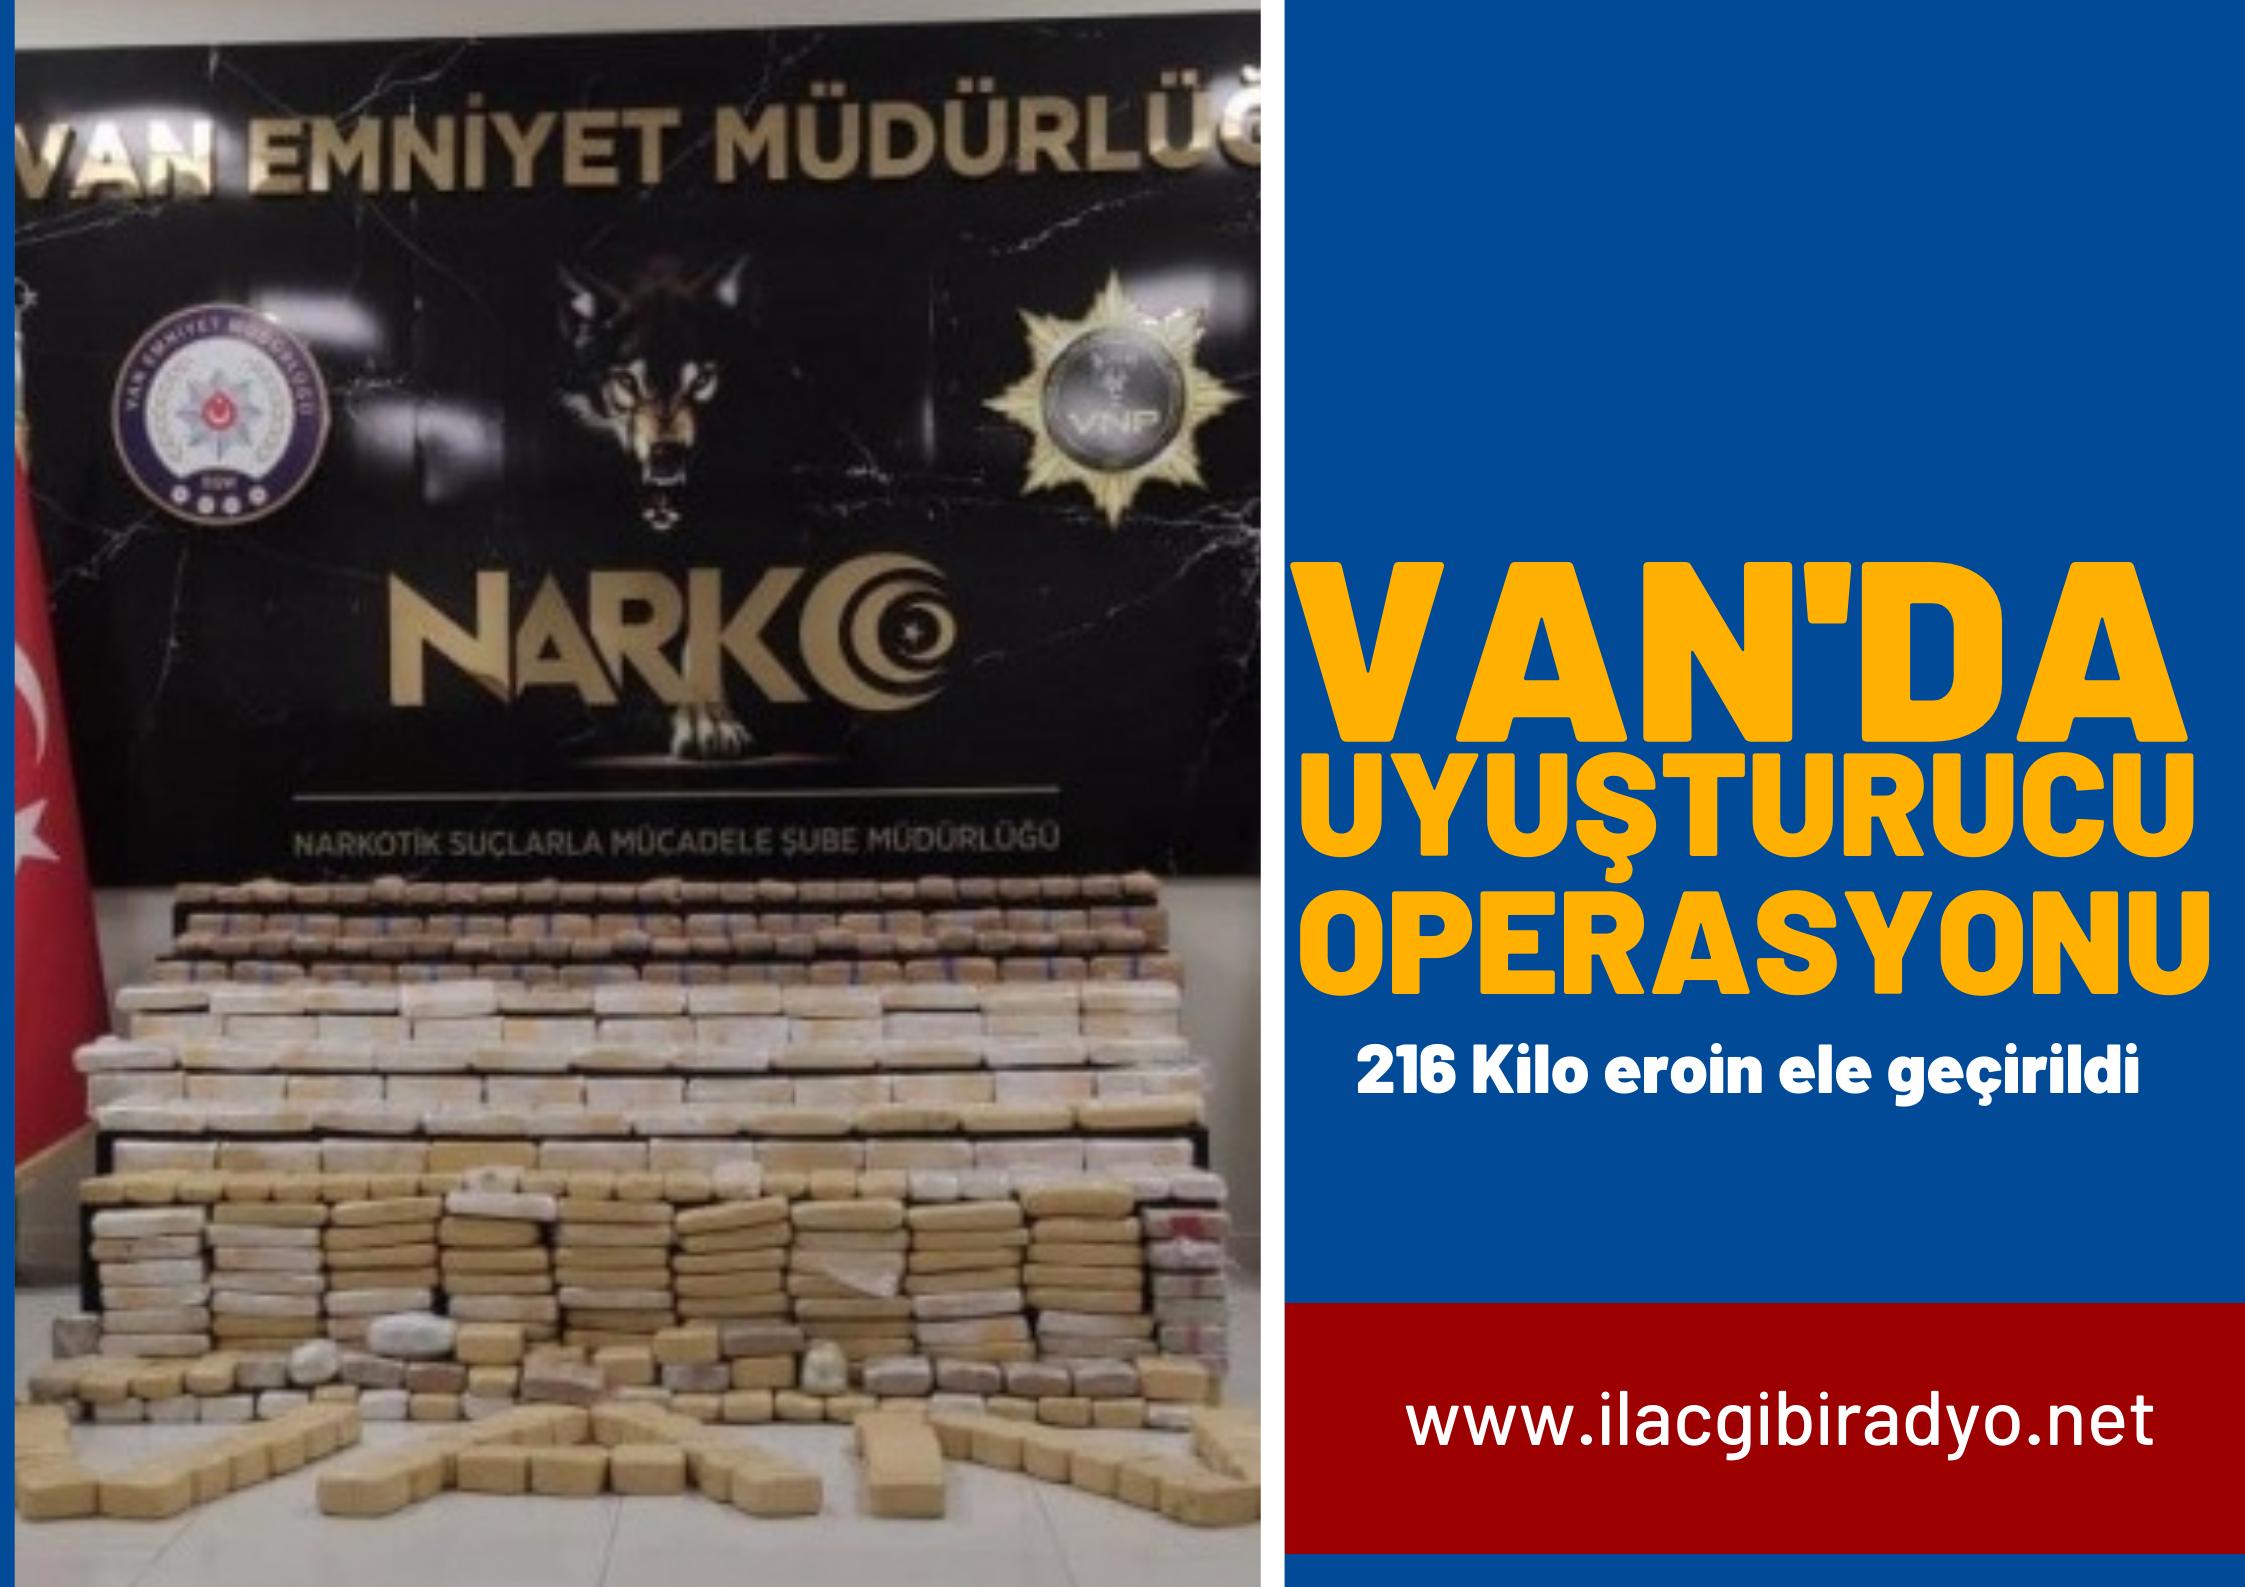 Van'da uyuşturucu operasyonu: 216 kilo eroin ele geçirildi!